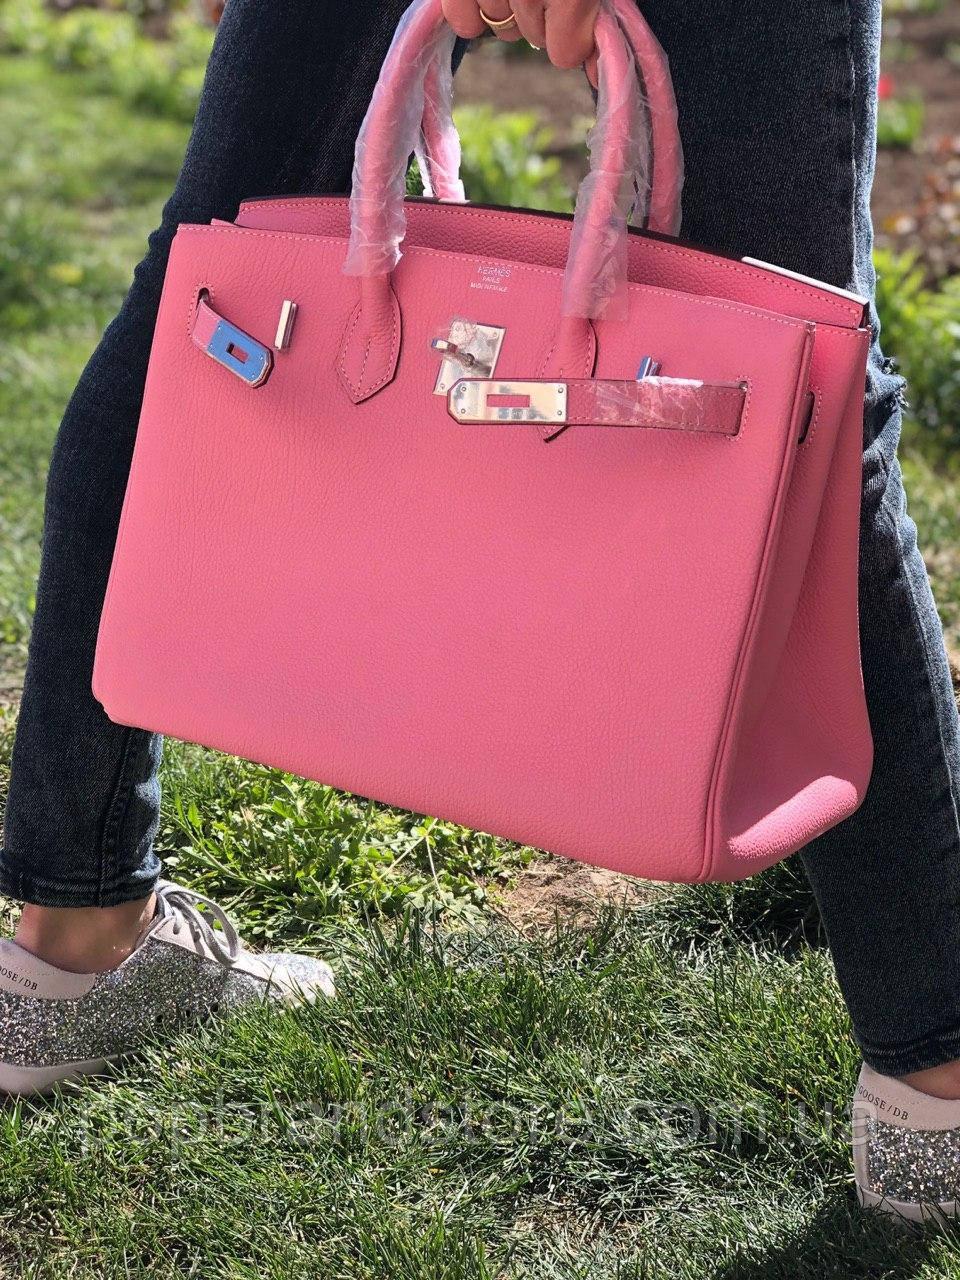 a5e37da73024 Роскошная женская сумка Гермес Биркин 35 см розе (реплика): продажа ...